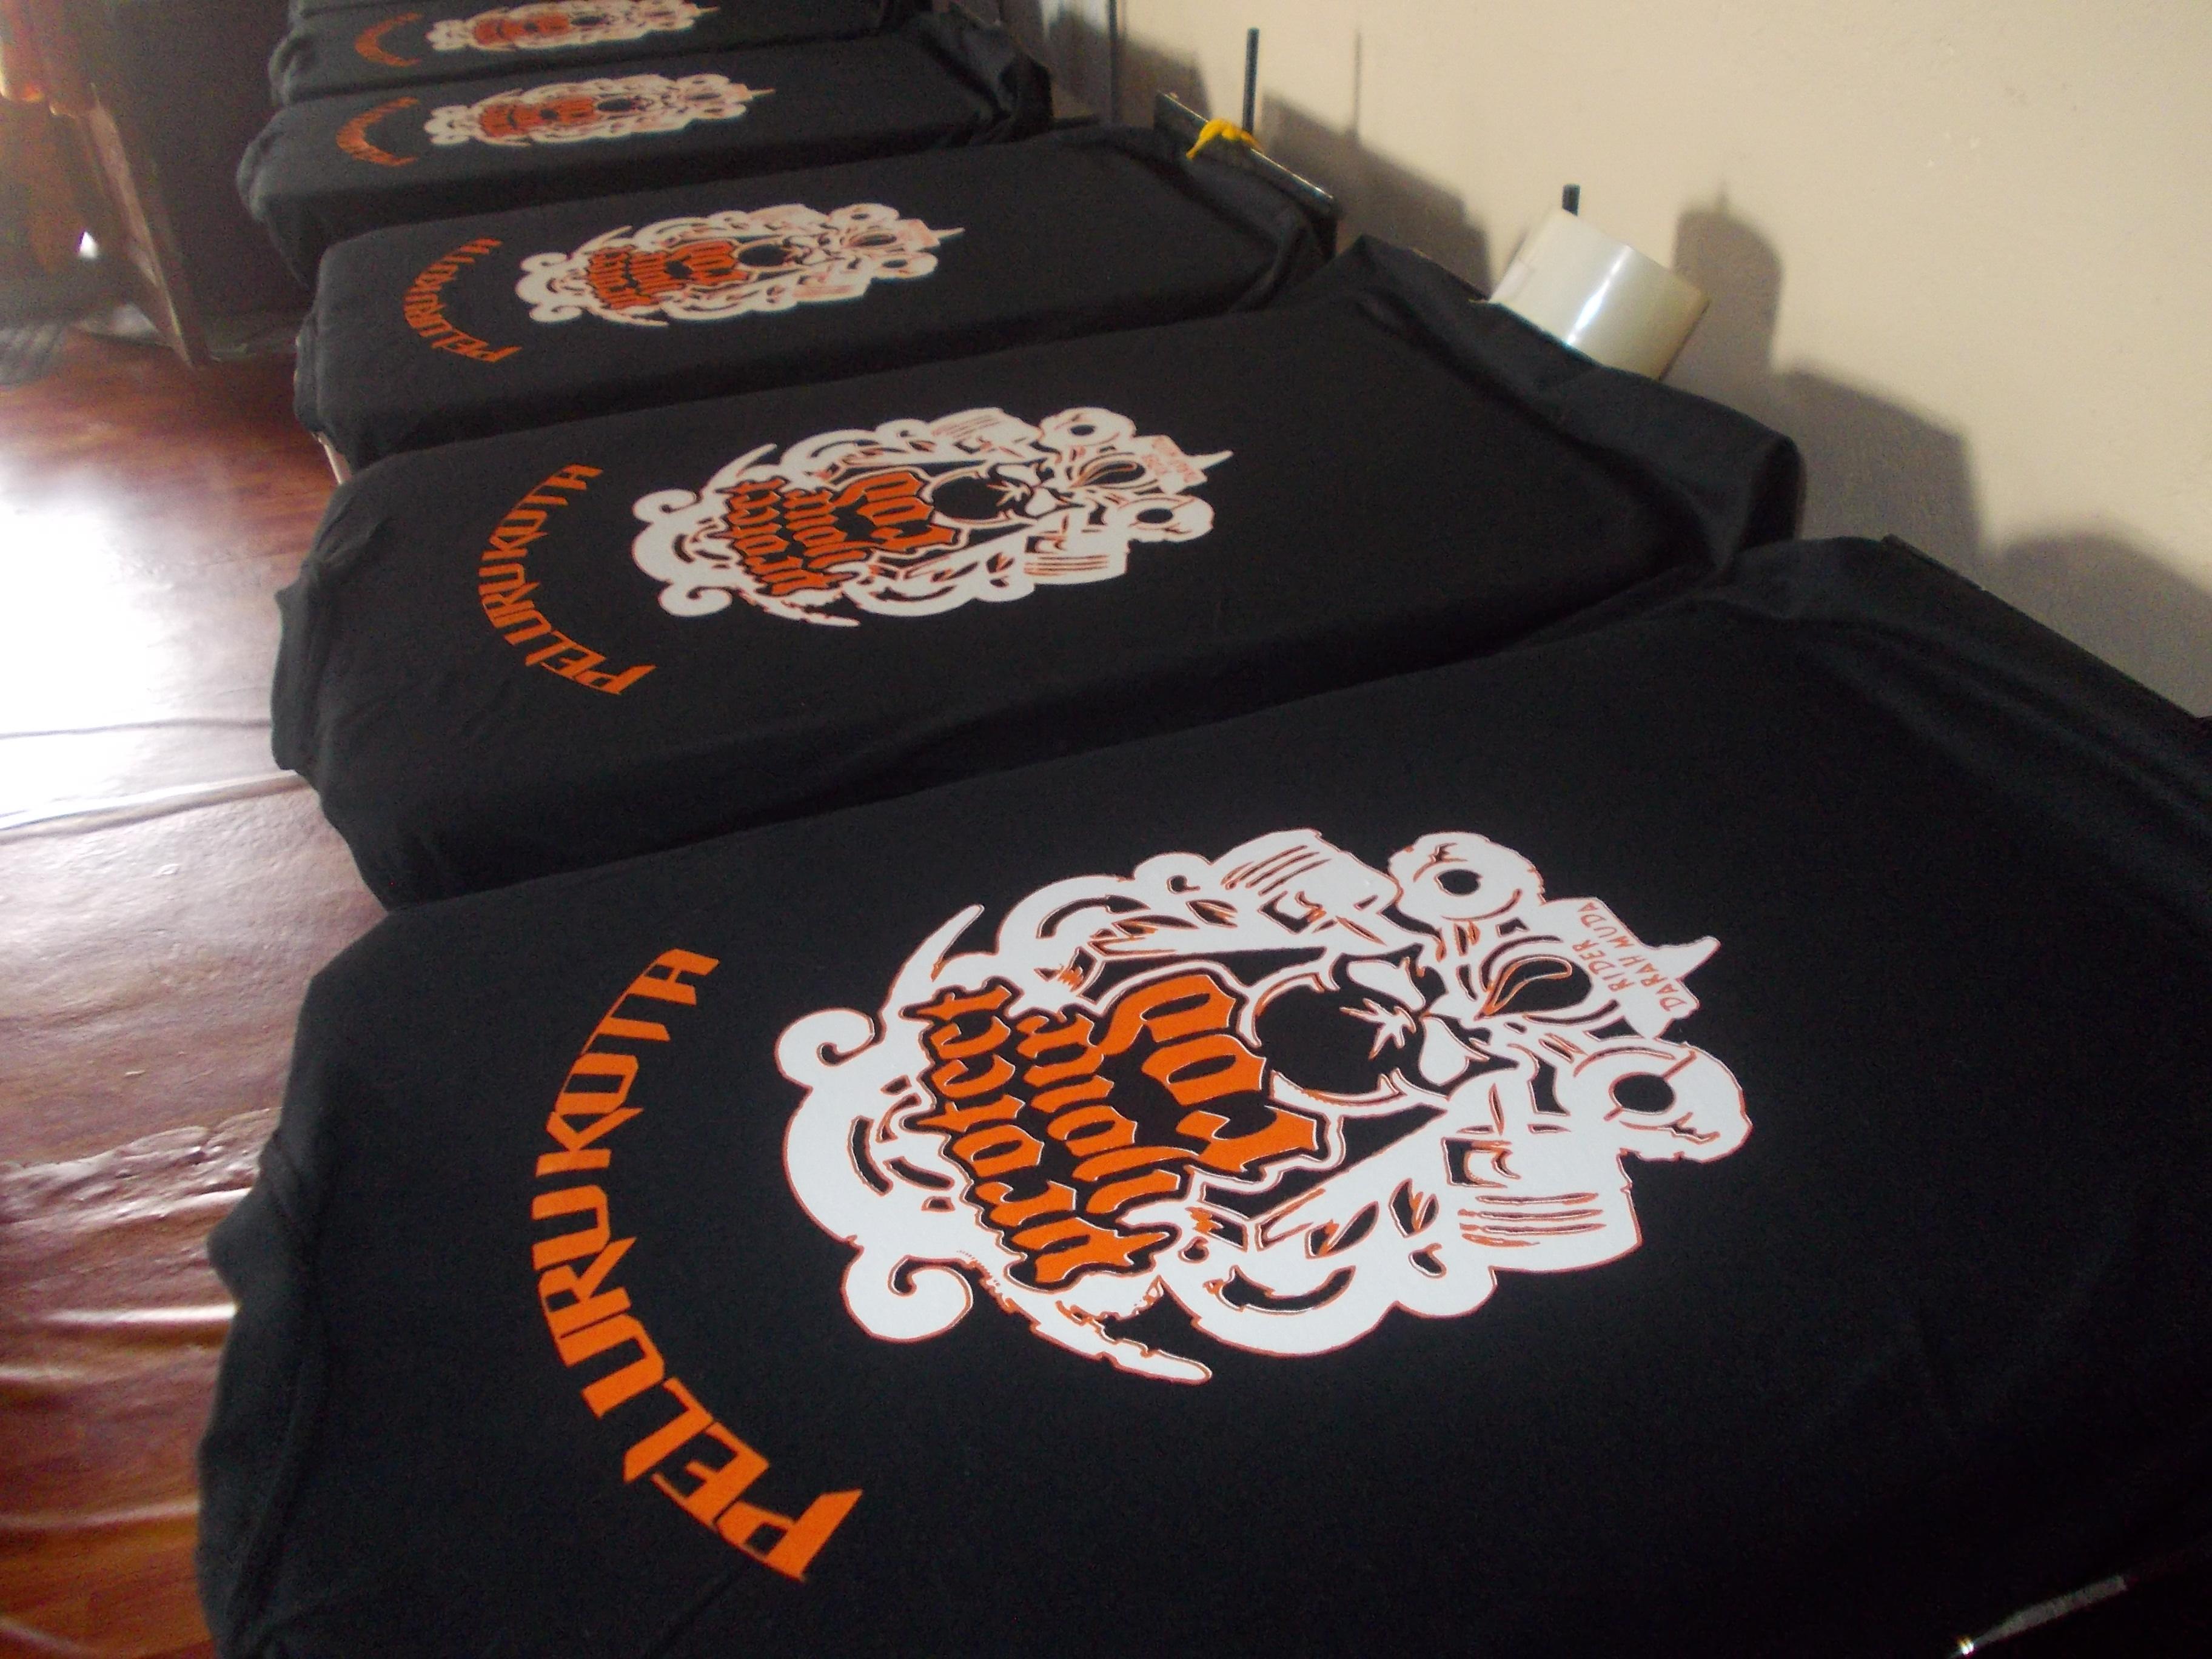 Designs contoh baju t shirt design baju berkolar shirt berkolar - Tshirt Konvoi Ni Baju Konvoi Ni Tapi Sempat Ambik Gambar Belakang Je Lupa Nak Ambik Gambar Depan Gambar Belakang Je 2 Kaler Print